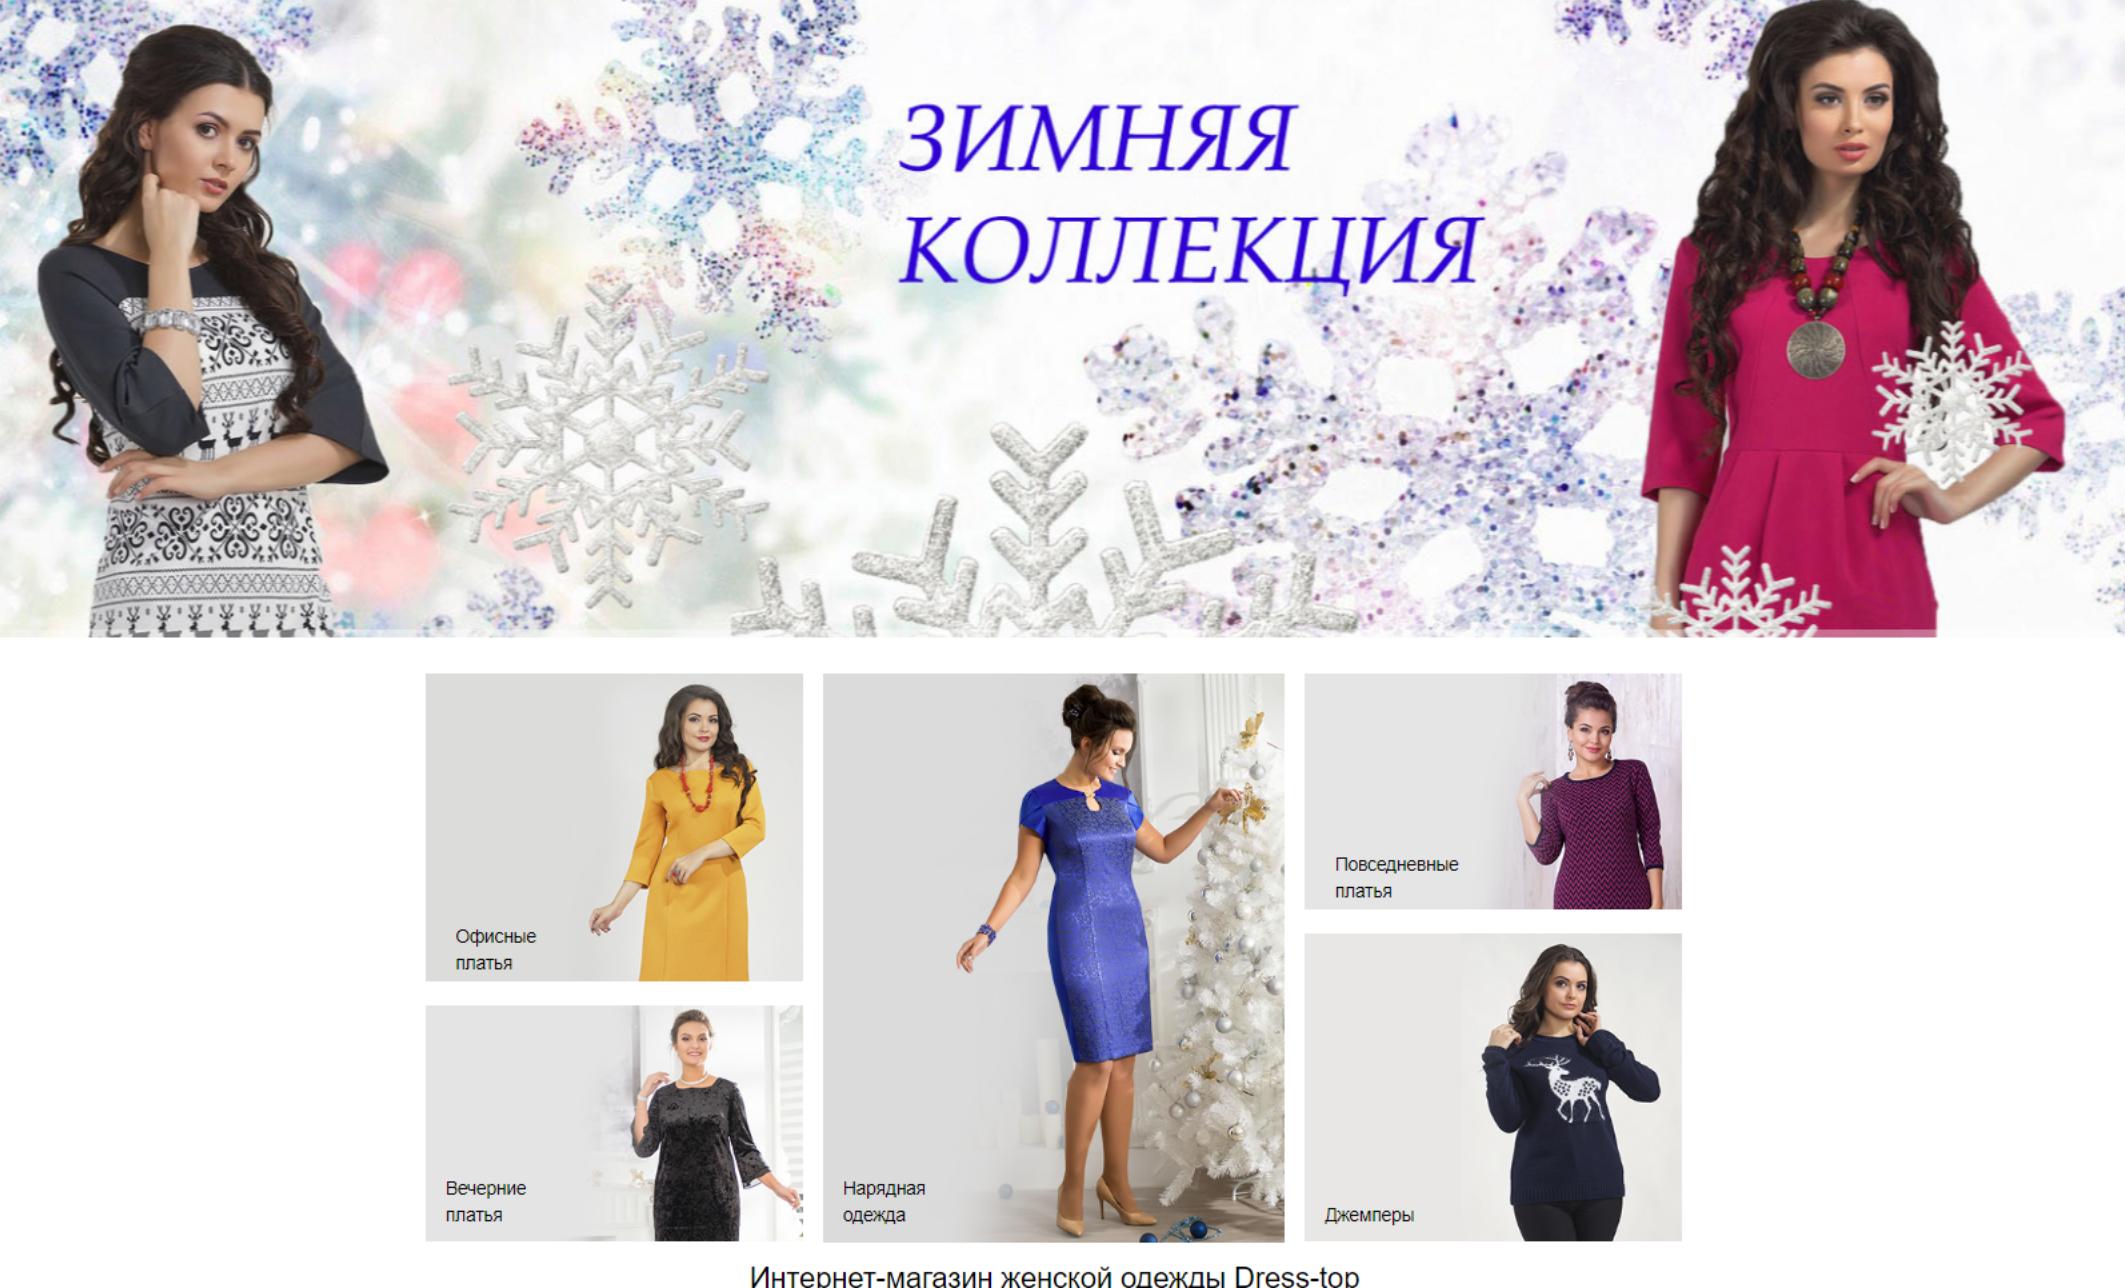 Интернет-магазин женской одежды Dress-top   Купить модную одежду по  выгодным ценам · zoom in a6997873644